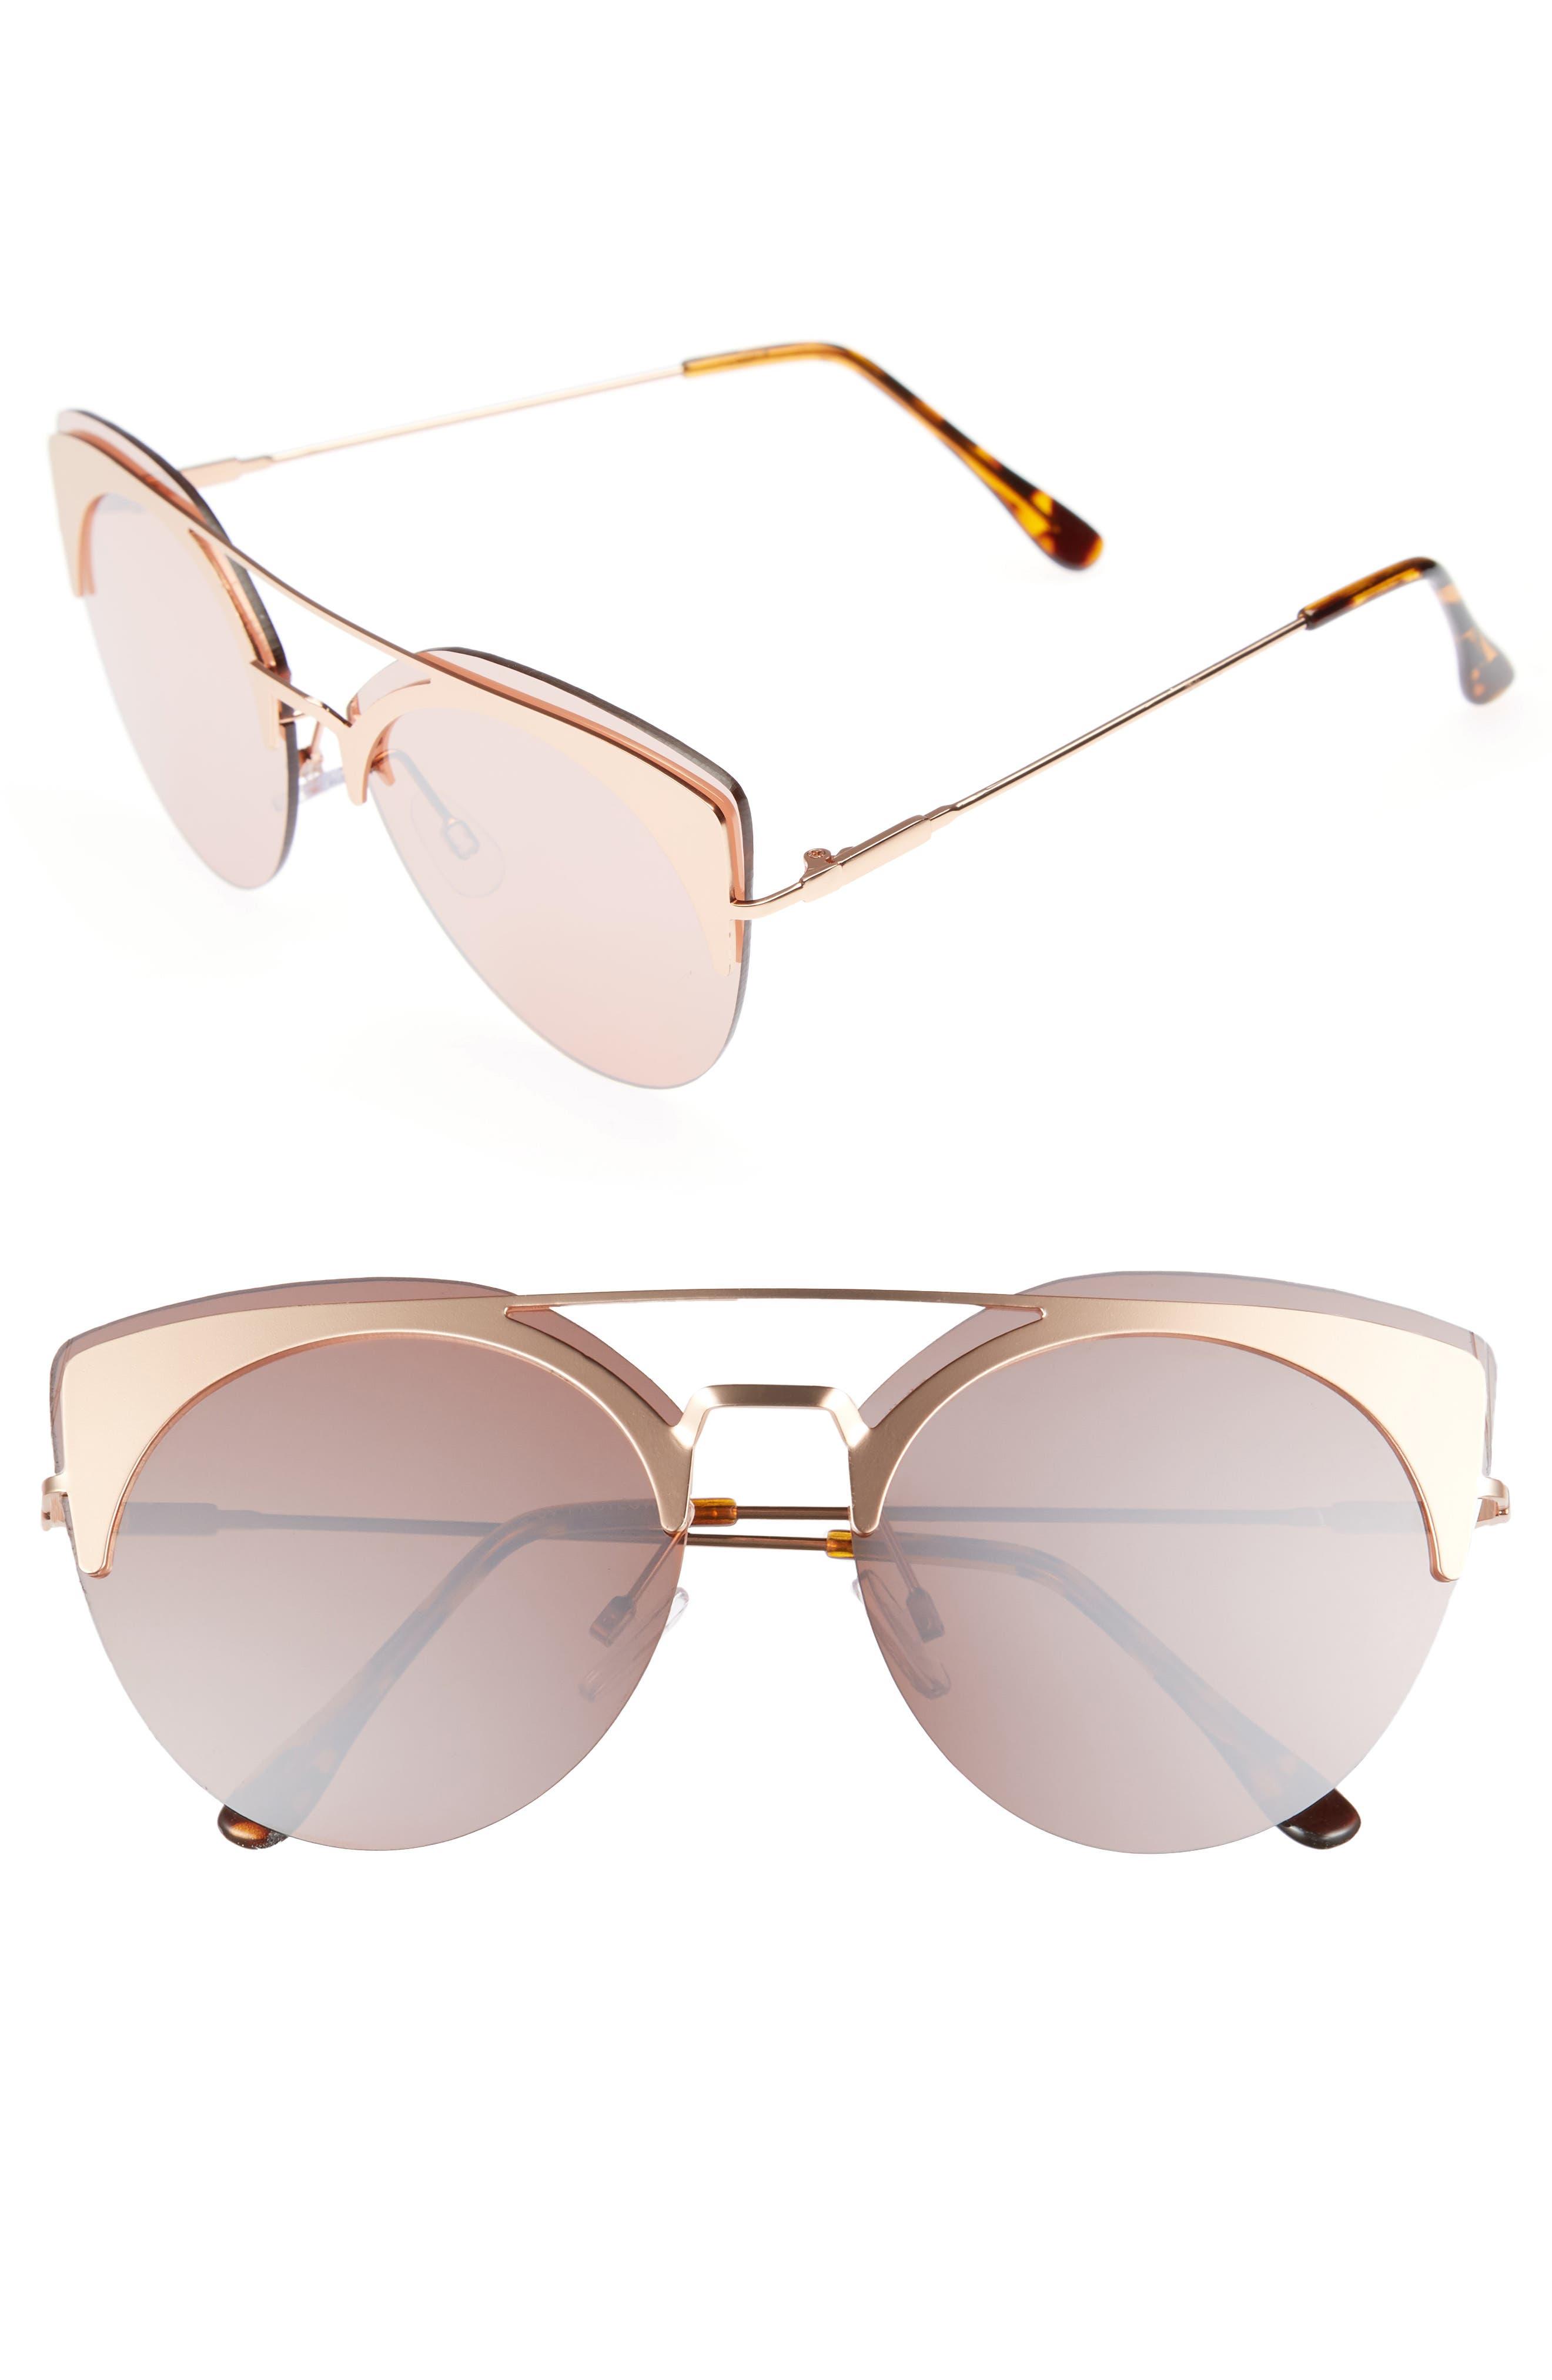 Main Image - BP. 54mm Round Sunglasses